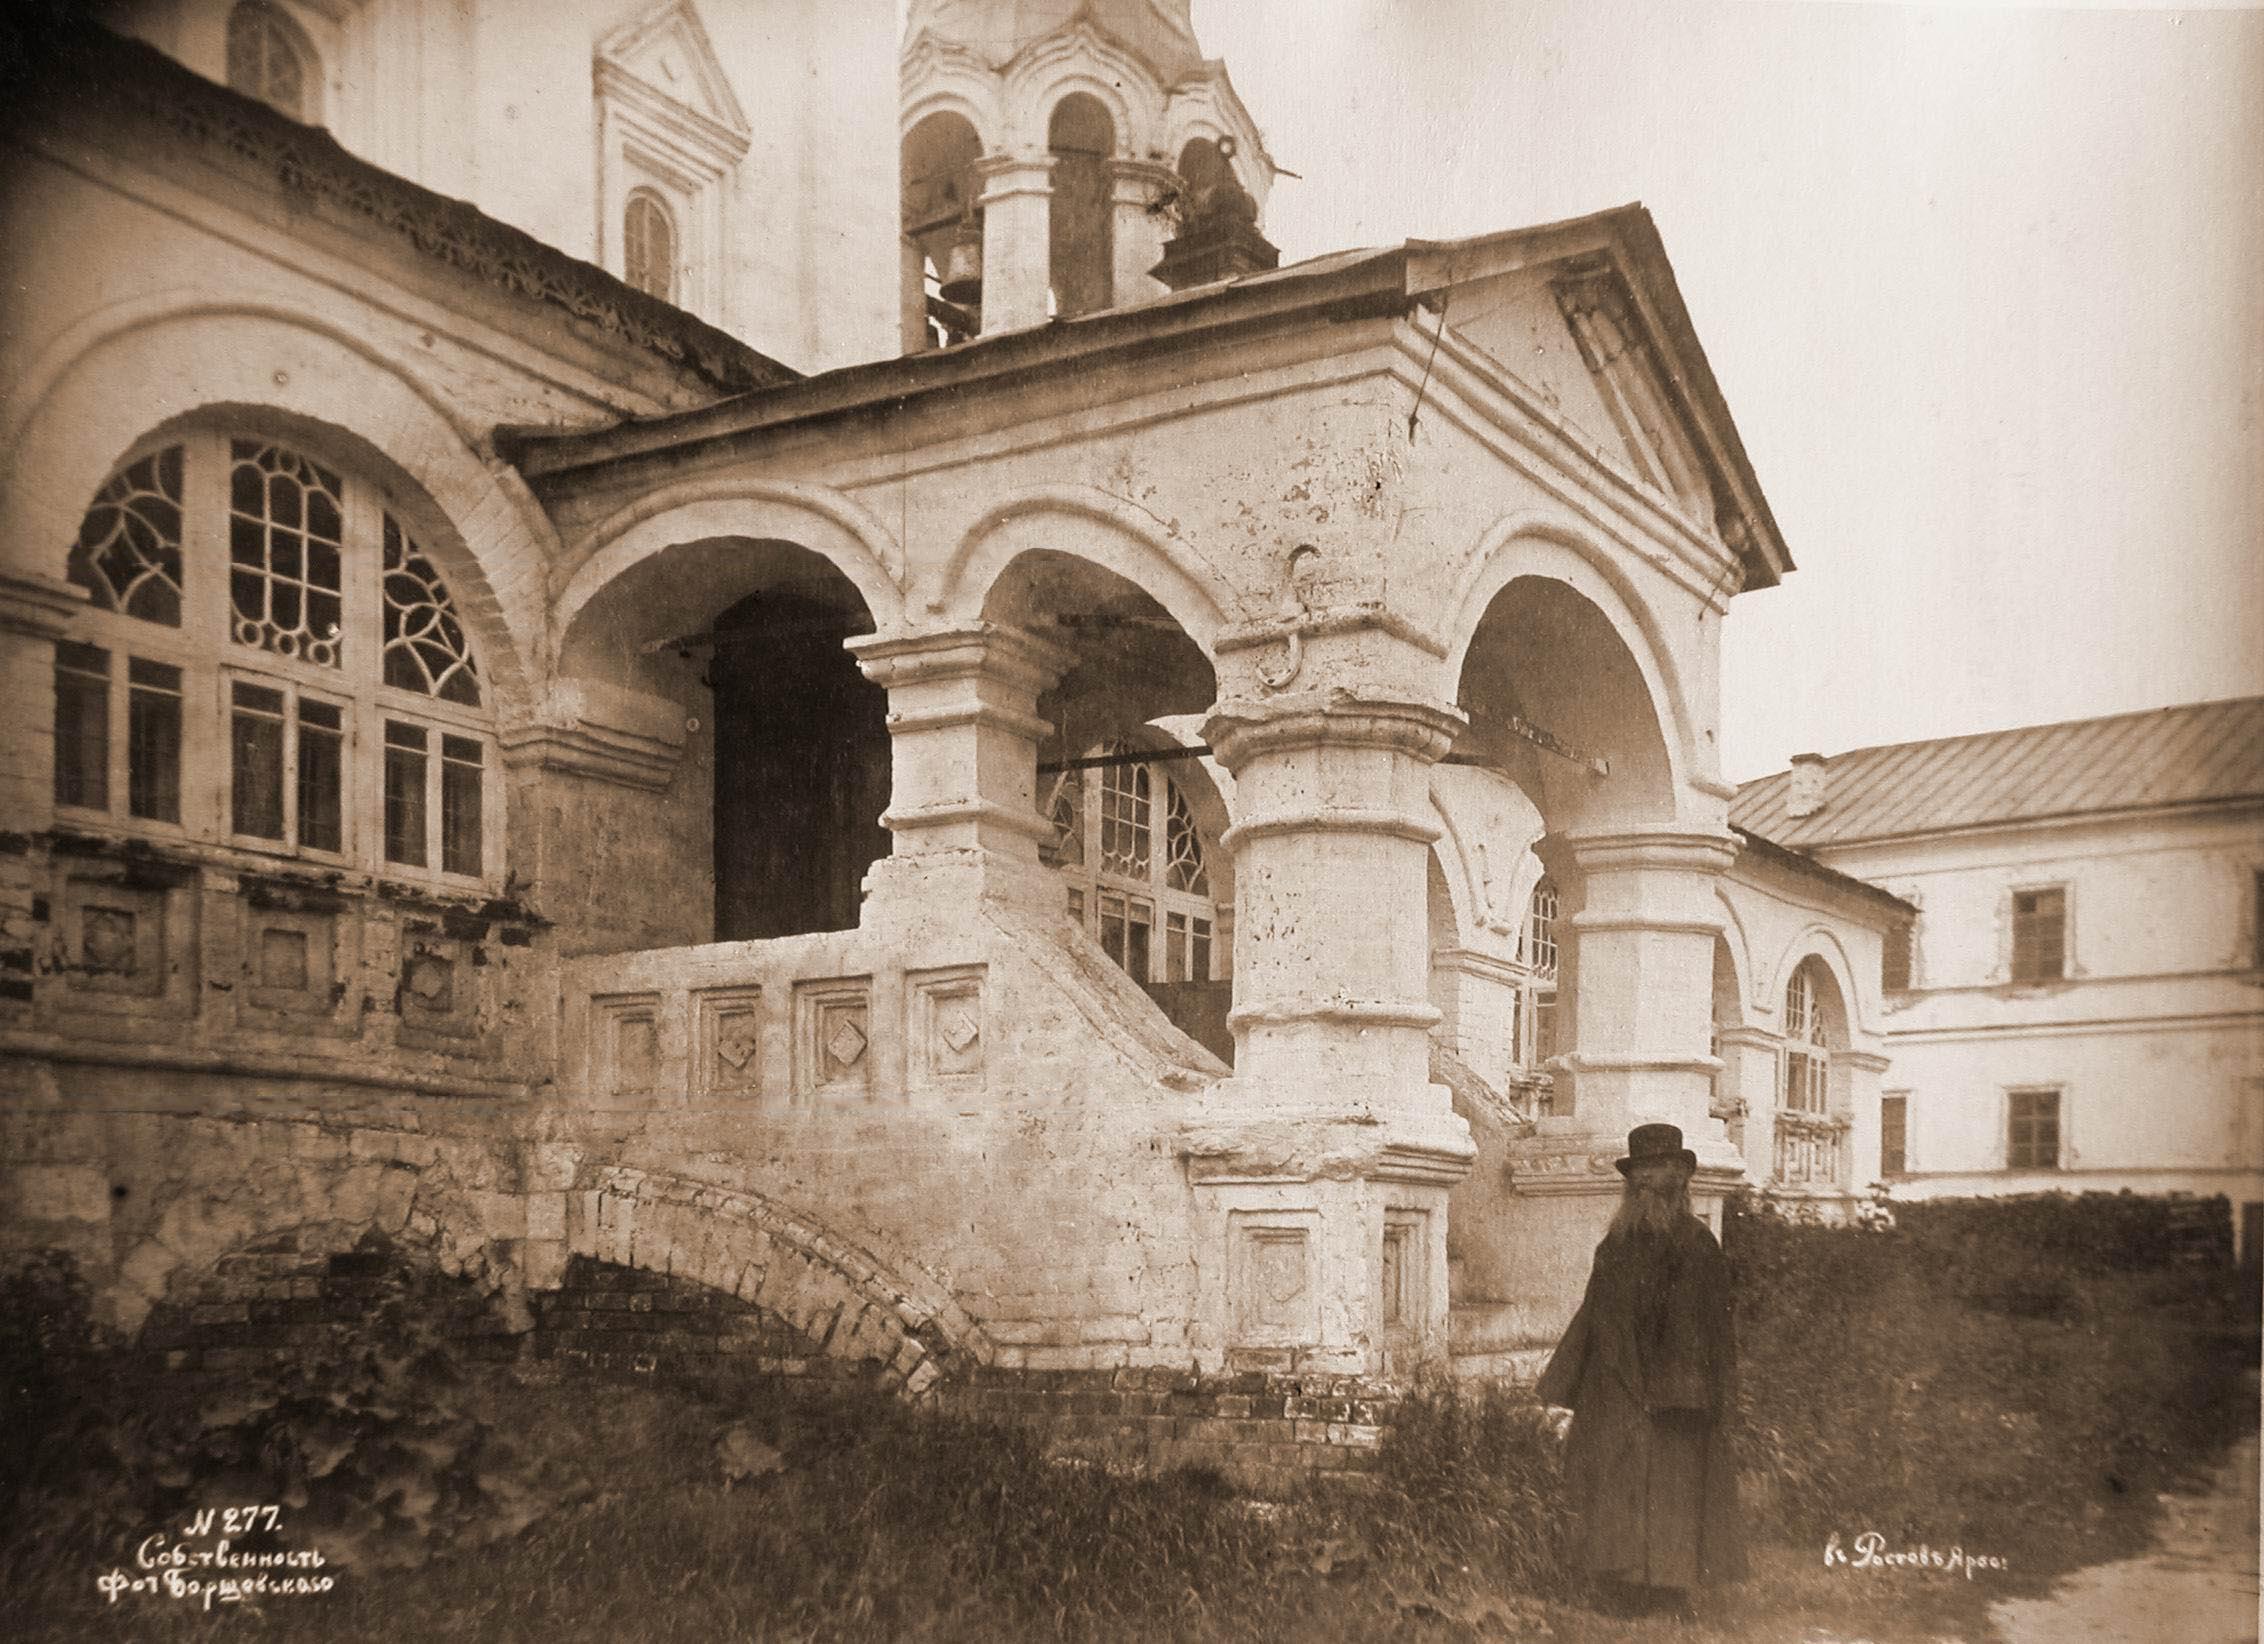 Вид на крыльцо и северный вход в церковь Успения Пресвятой Богородицы